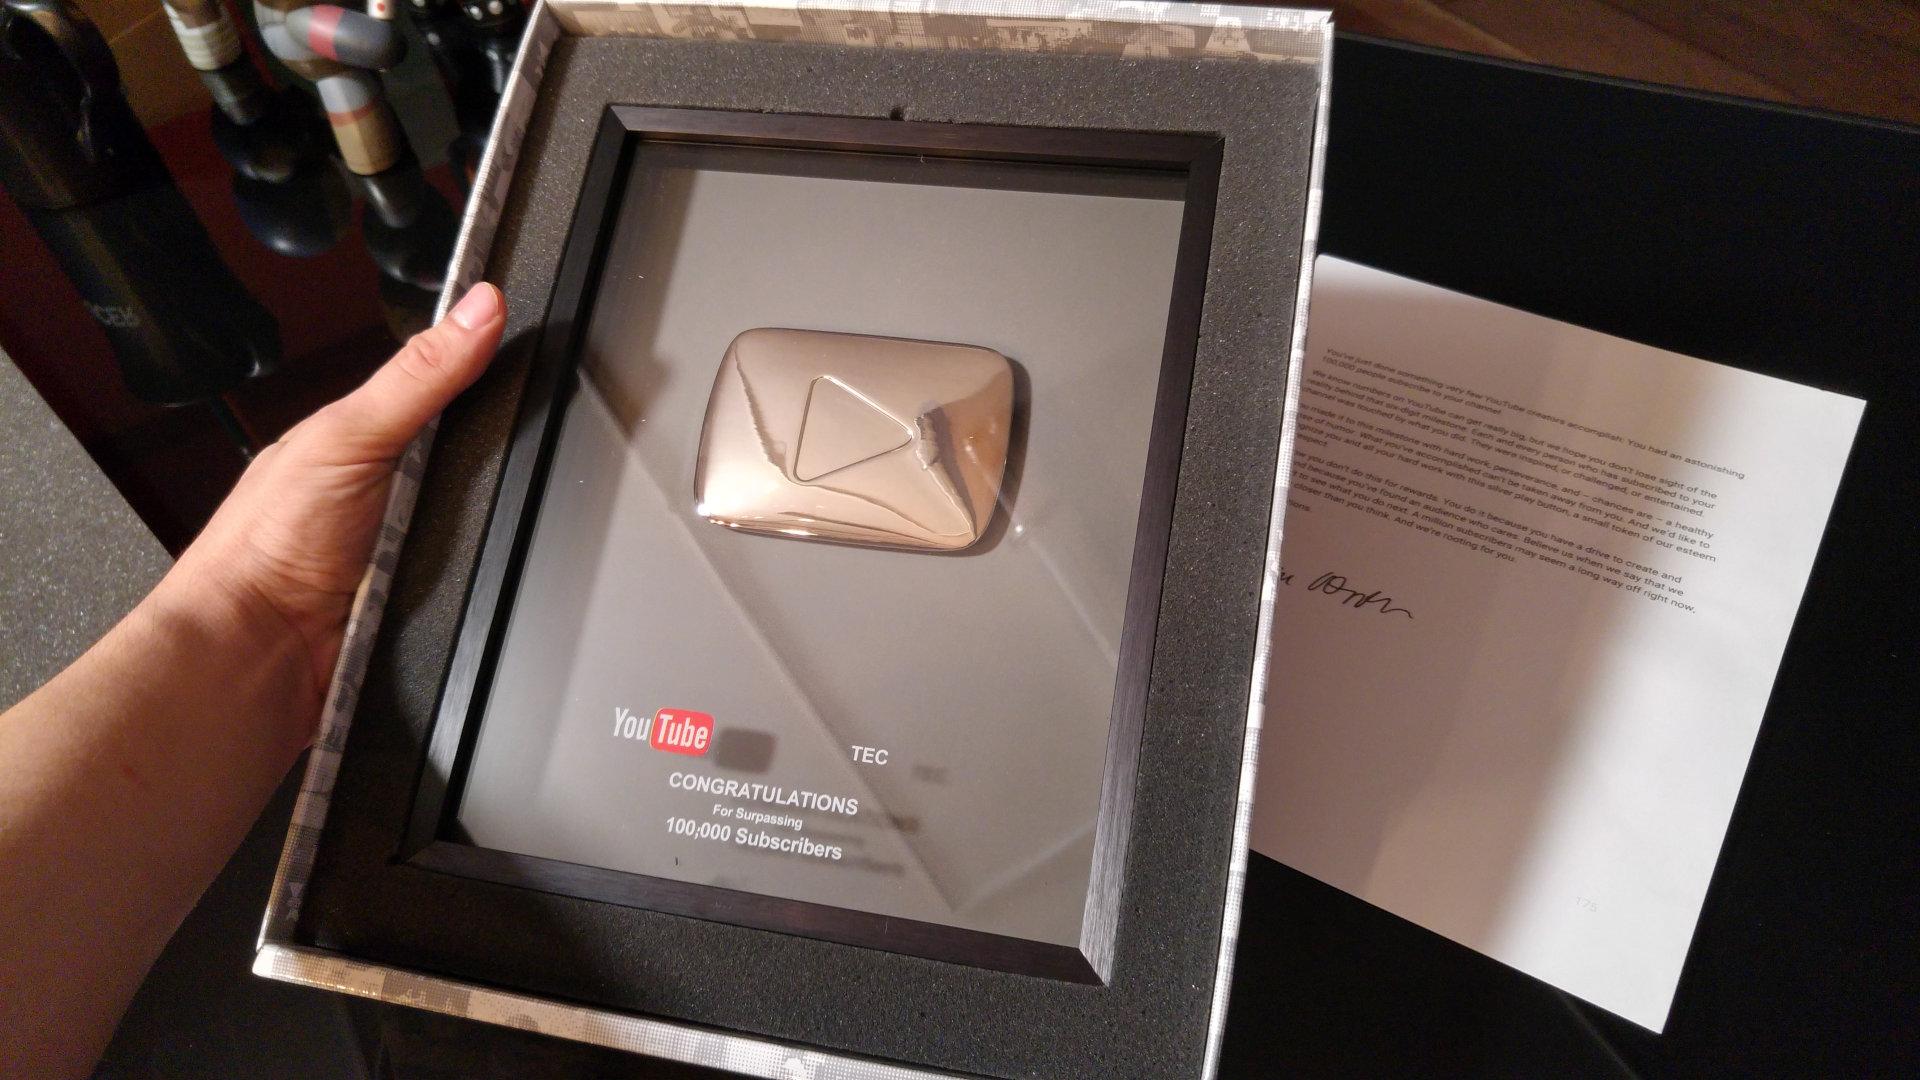 Unboxing Del Premio De YouTube Por Los 100,000